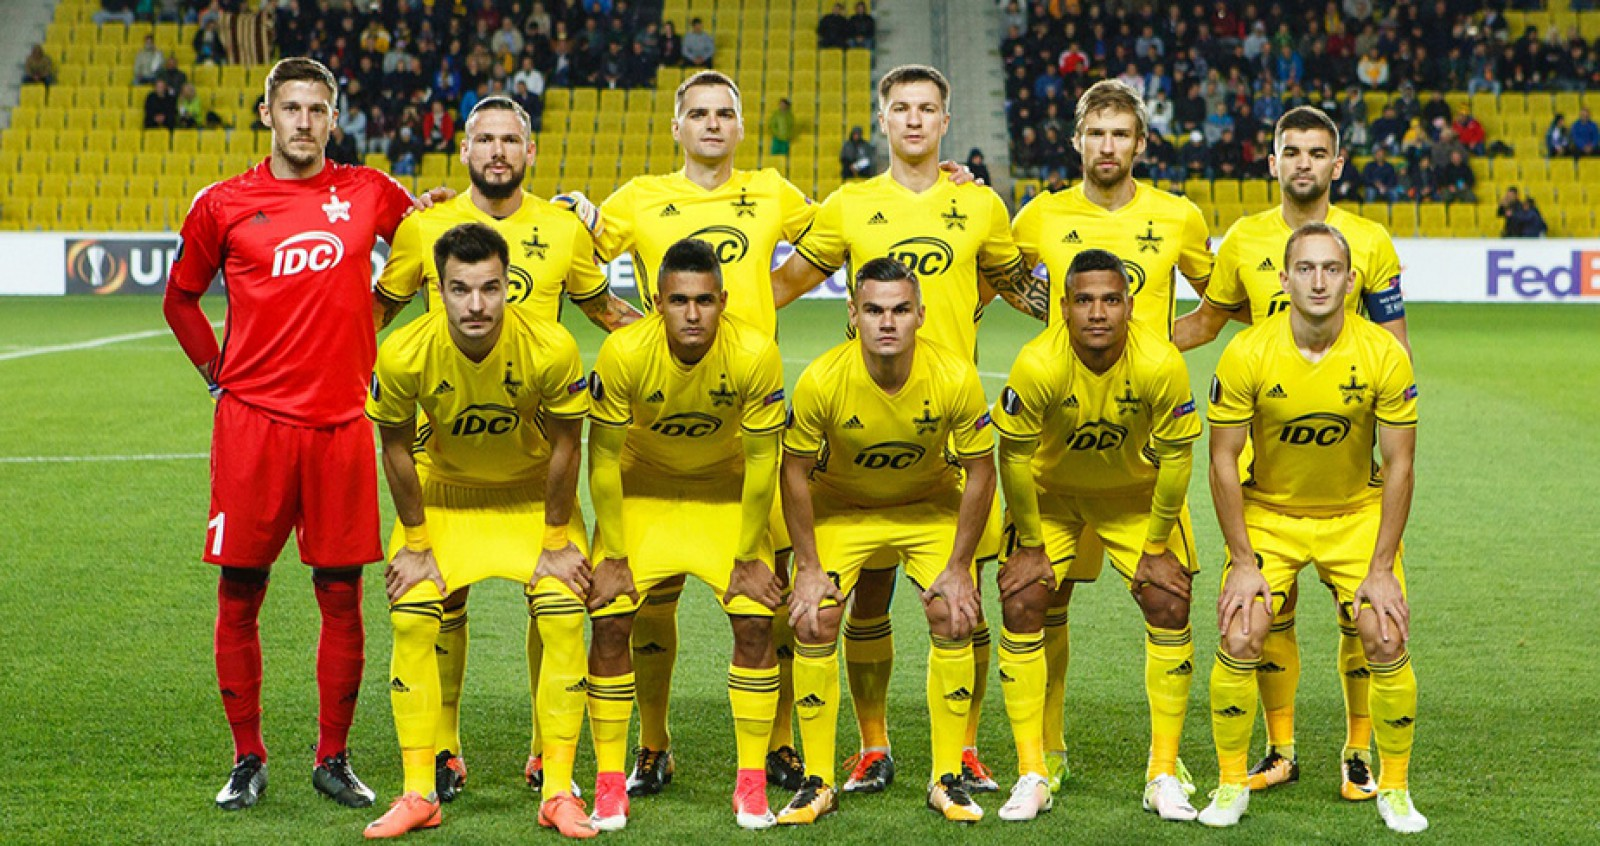 Cinci jucători străini de la Sheriff Tiraspol au fost convocați la echipele lor naționale